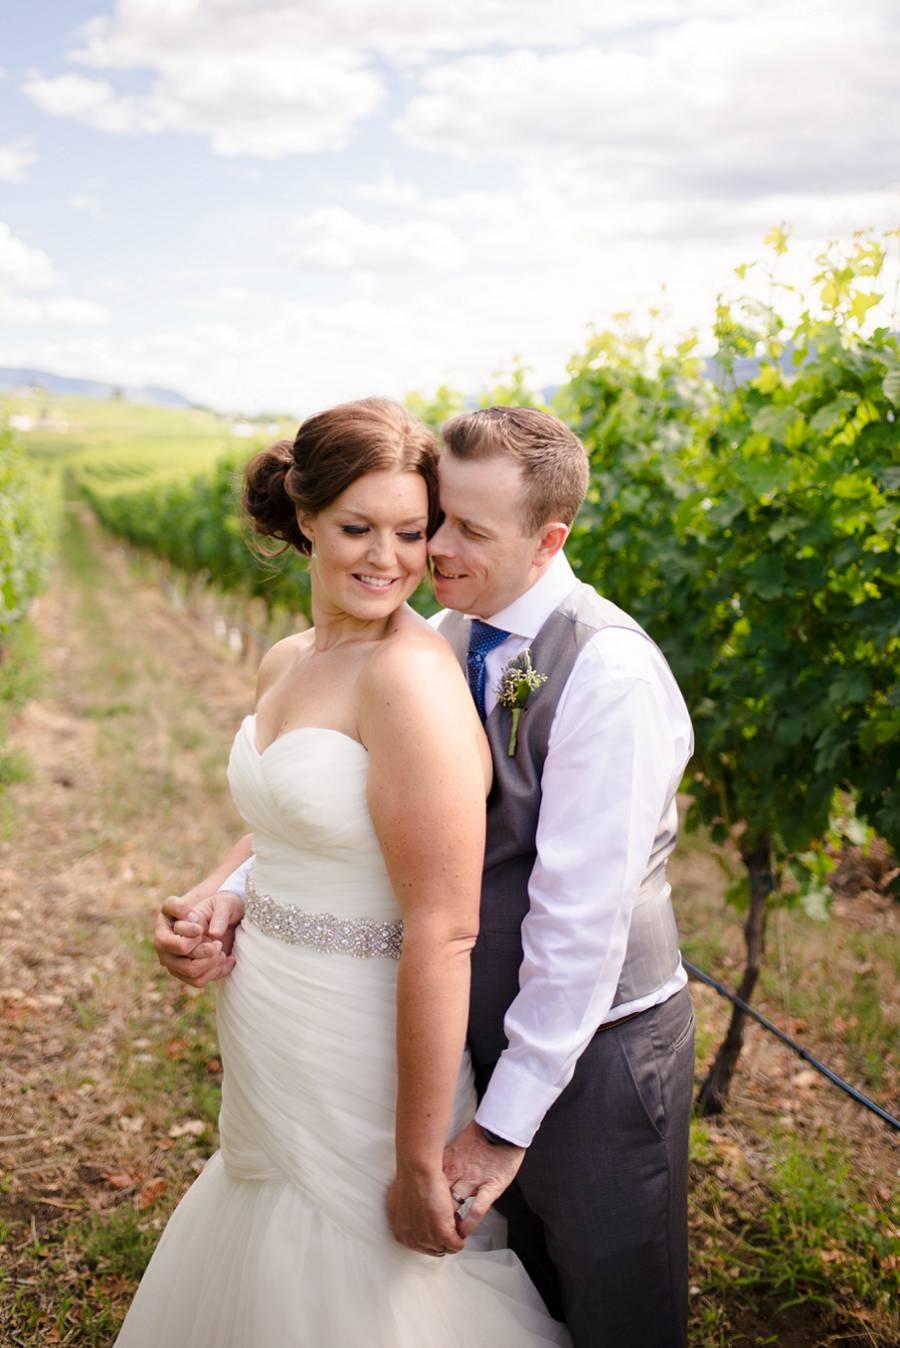 Watermark Beach Resort Wedding Photography (55)